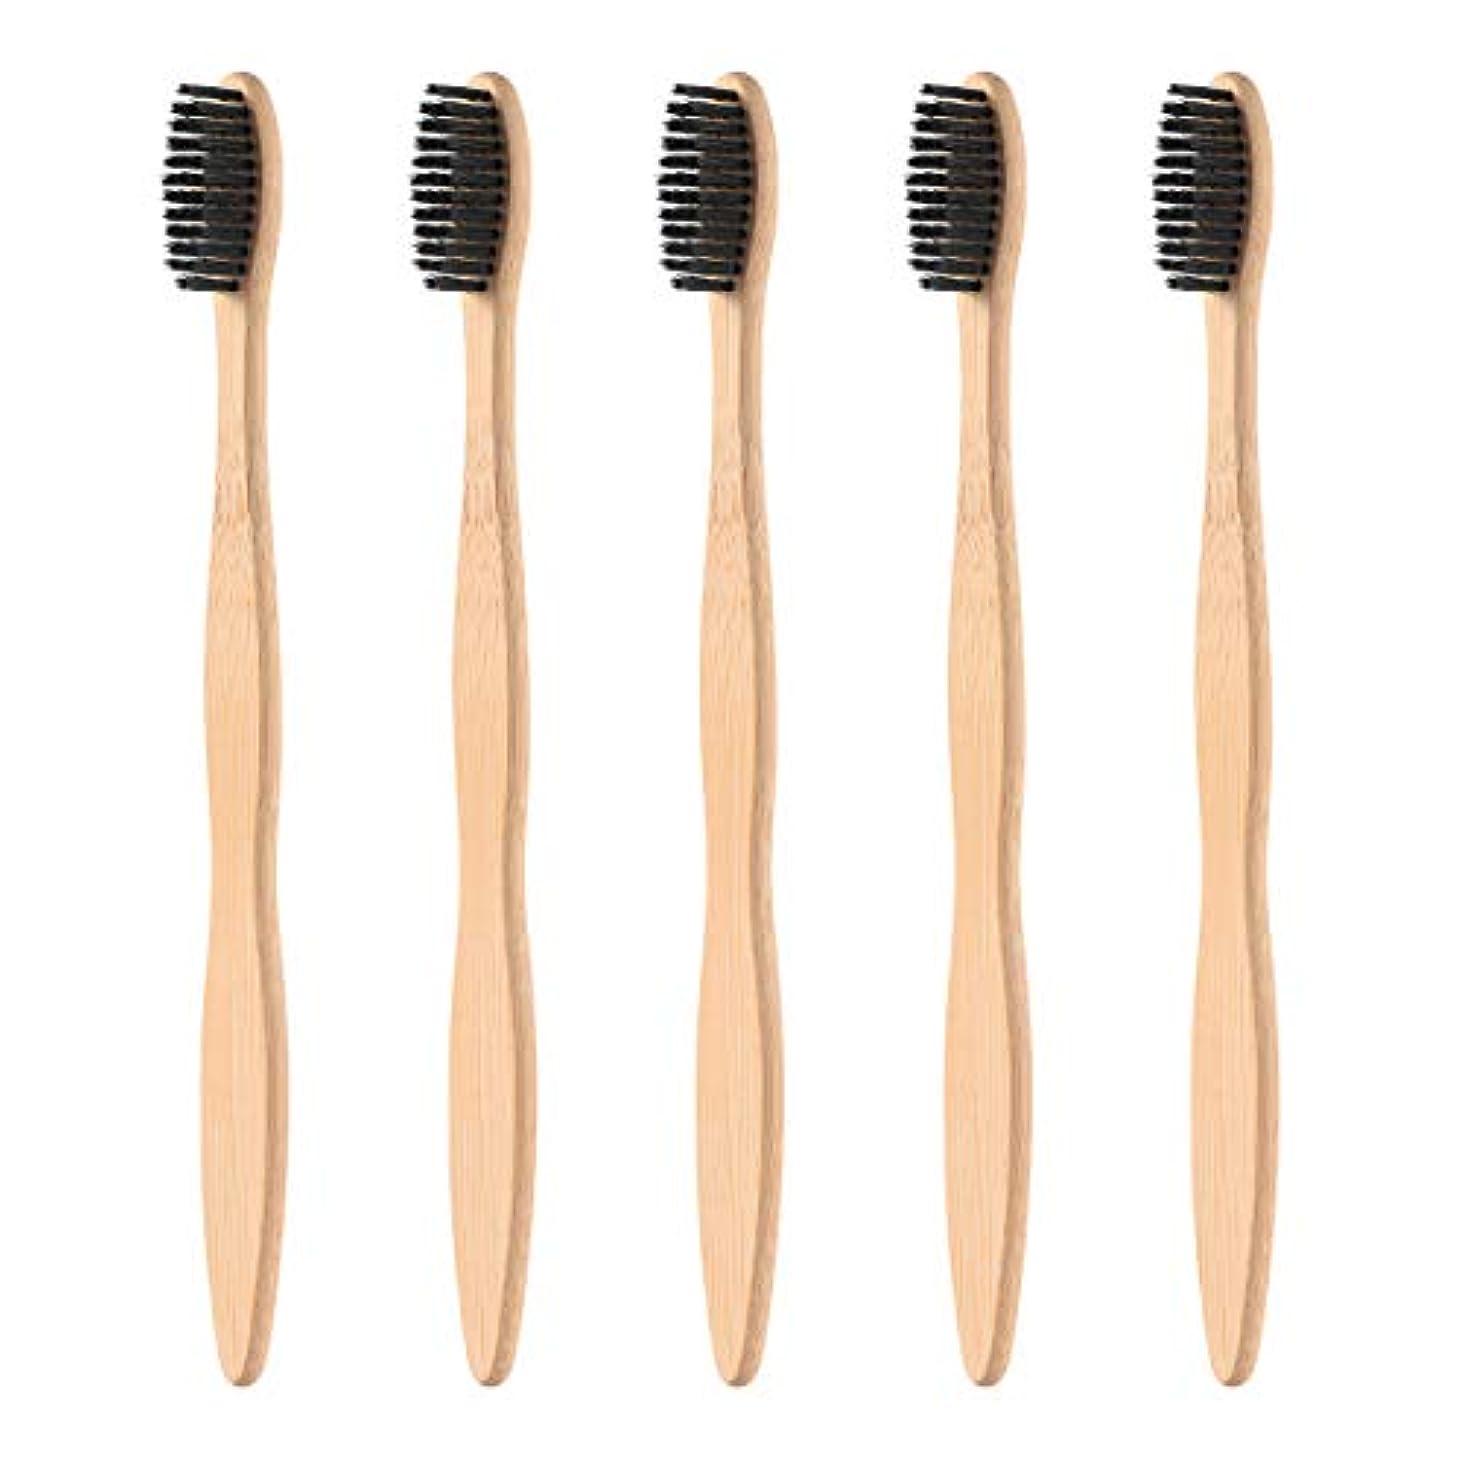 当社変装書士Healifty タケ環境的に歯ブラシ5pcsは柔らかい黒い剛毛が付いている自然な木のEcoの友好的な歯ブラシを扱います